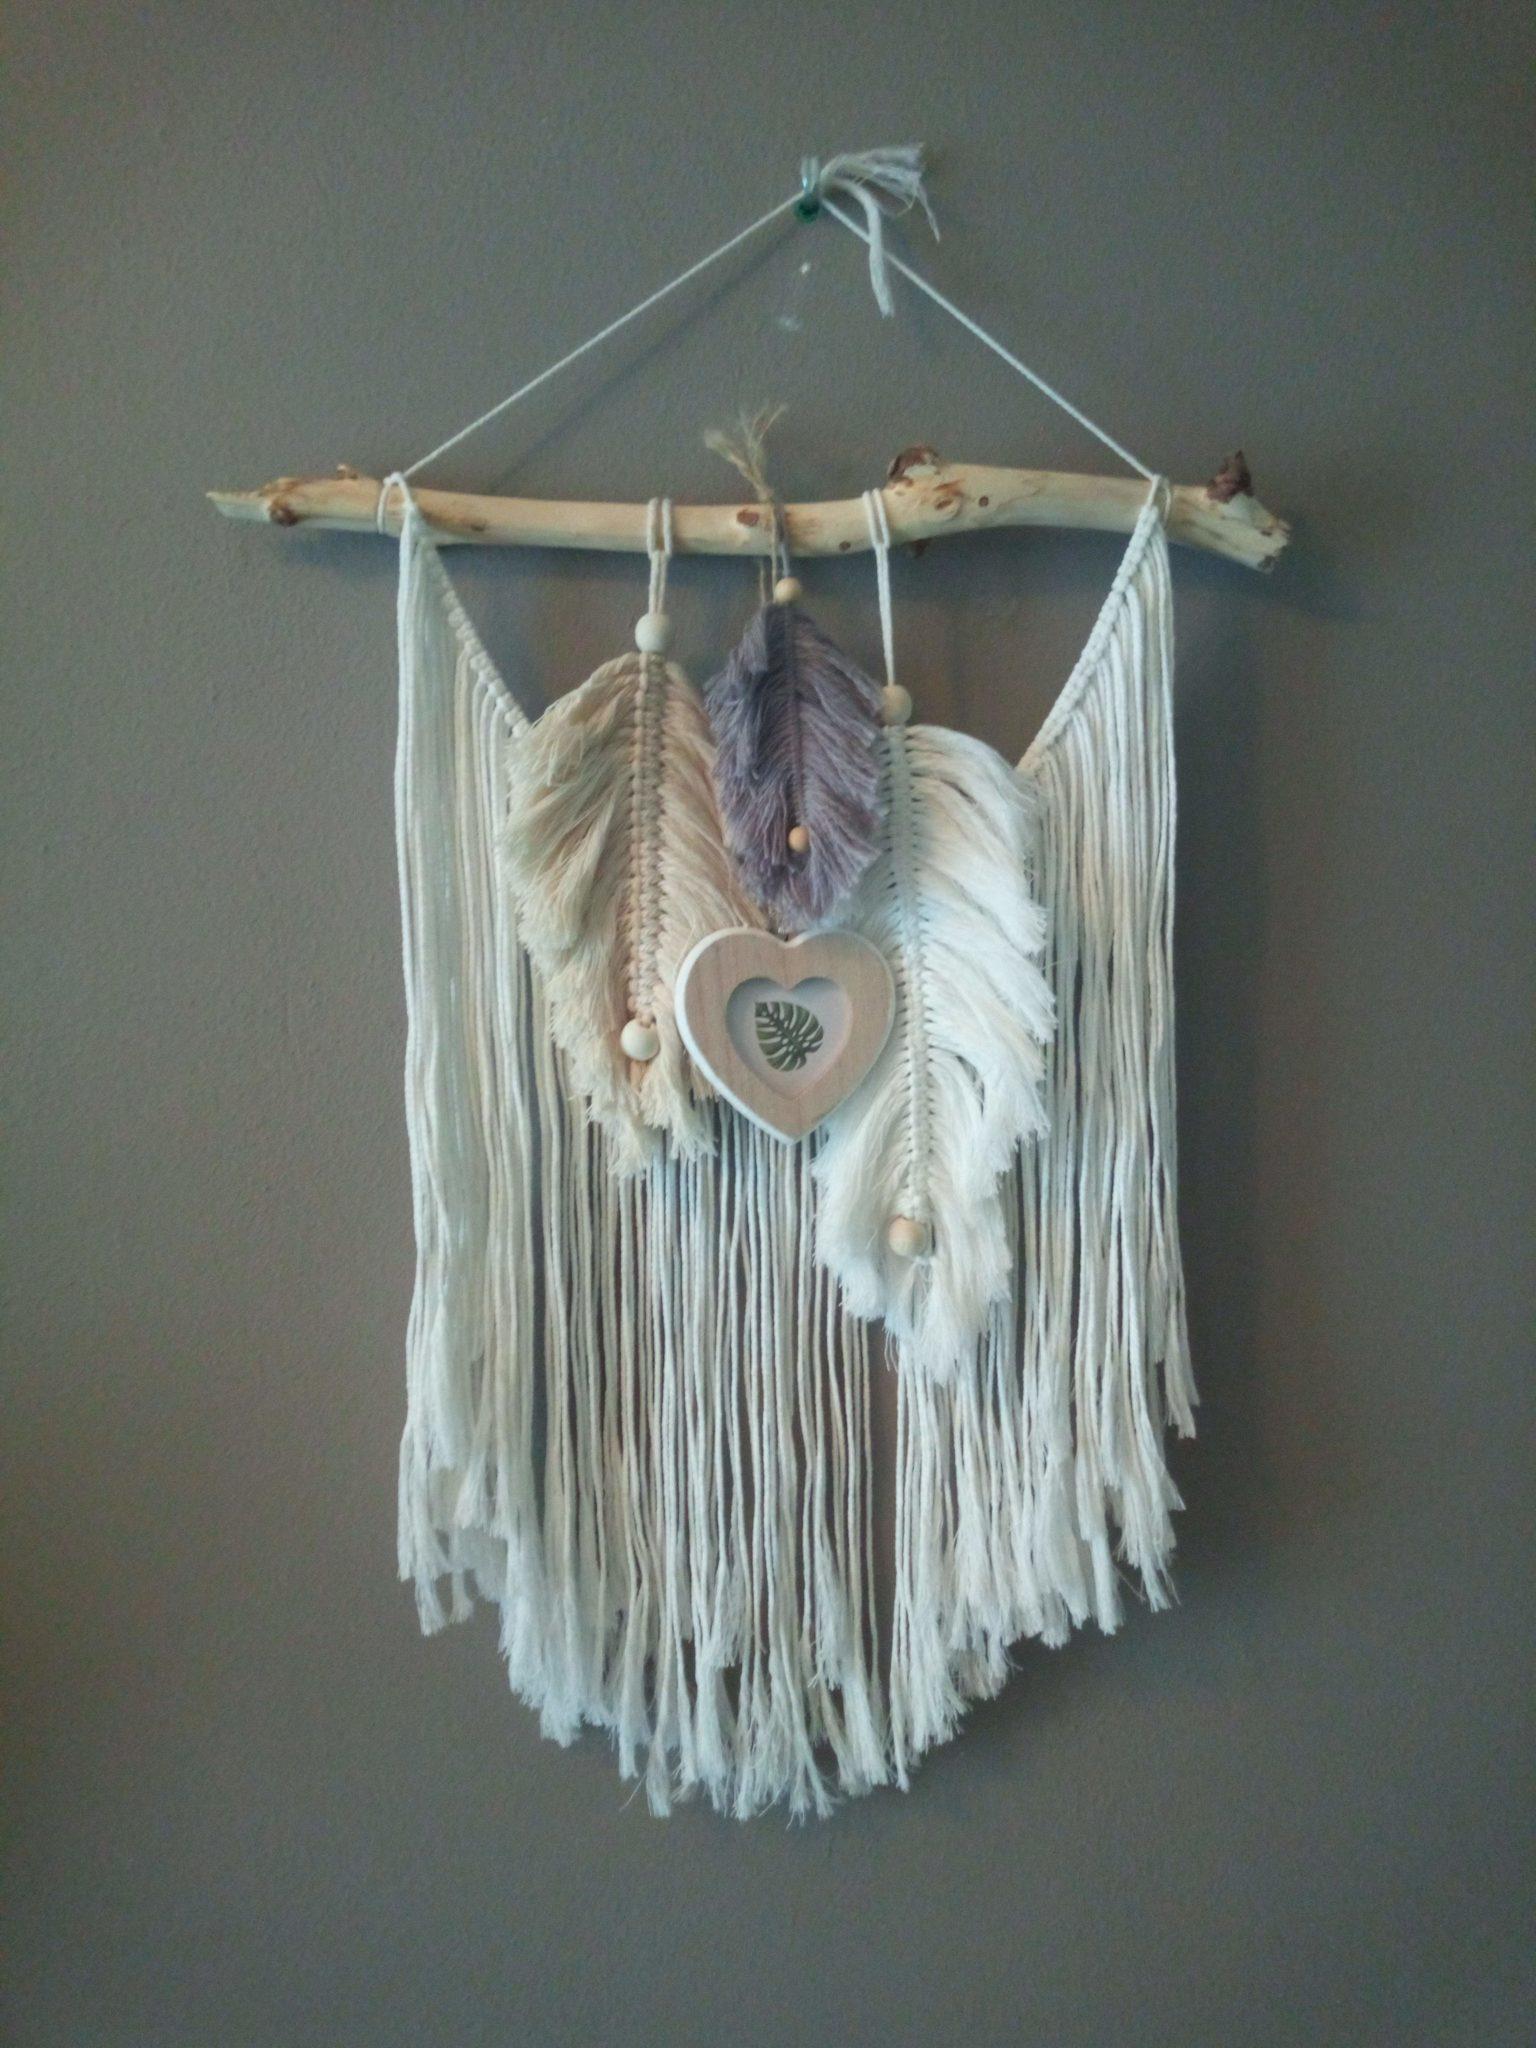 Memories - Macrame wandkleed veertjes met hanger voor foto